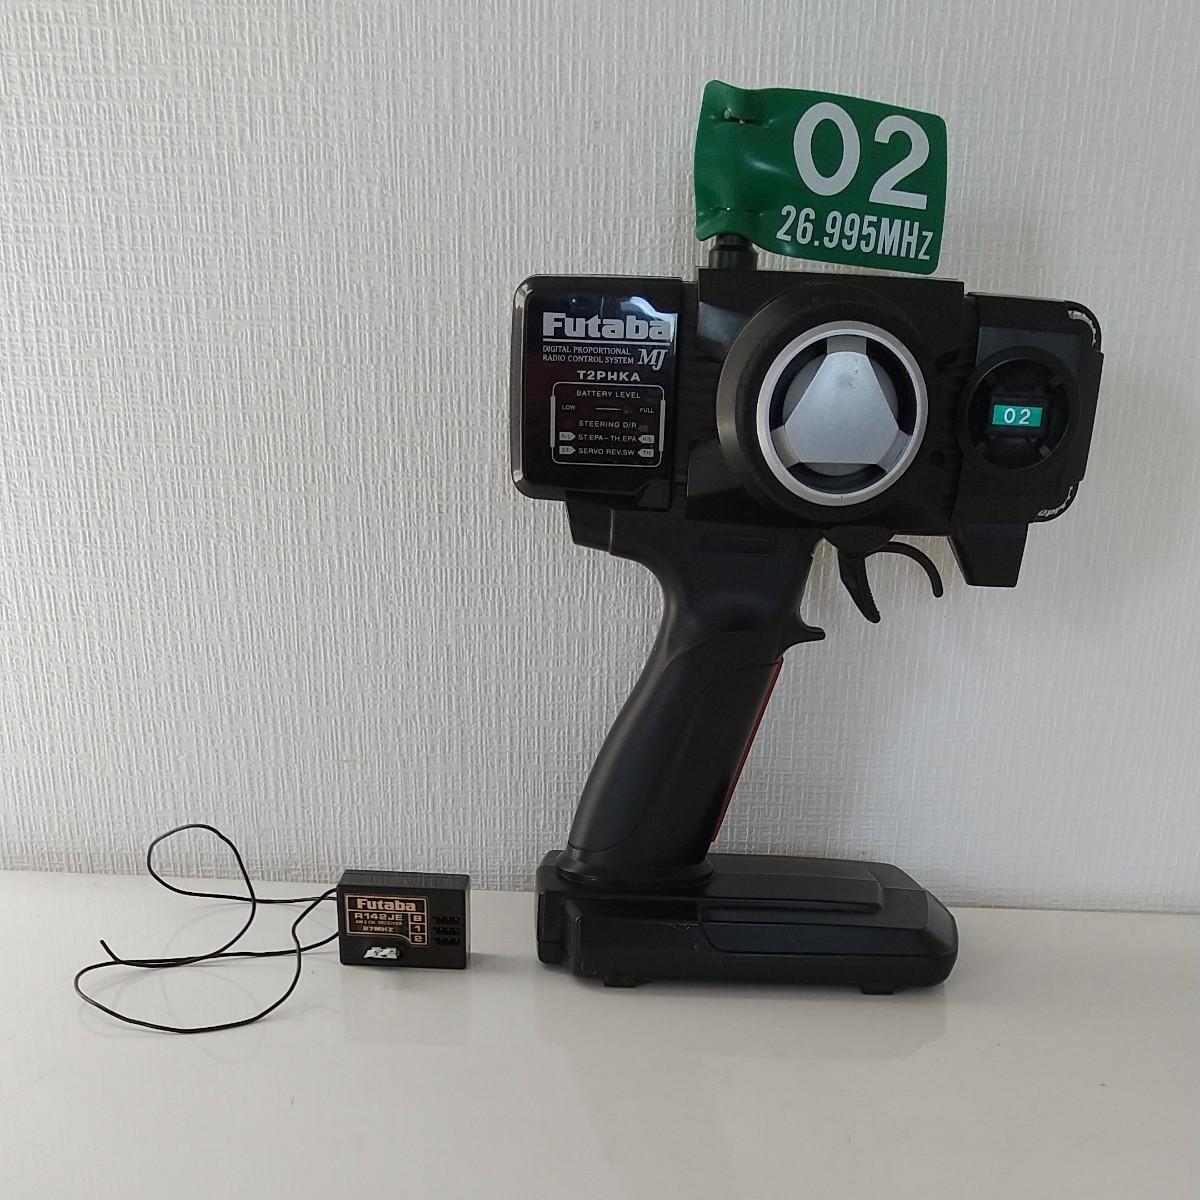 フタバ メガテックジュニアAM送信機 受信機R142 クリスタルバンド2番